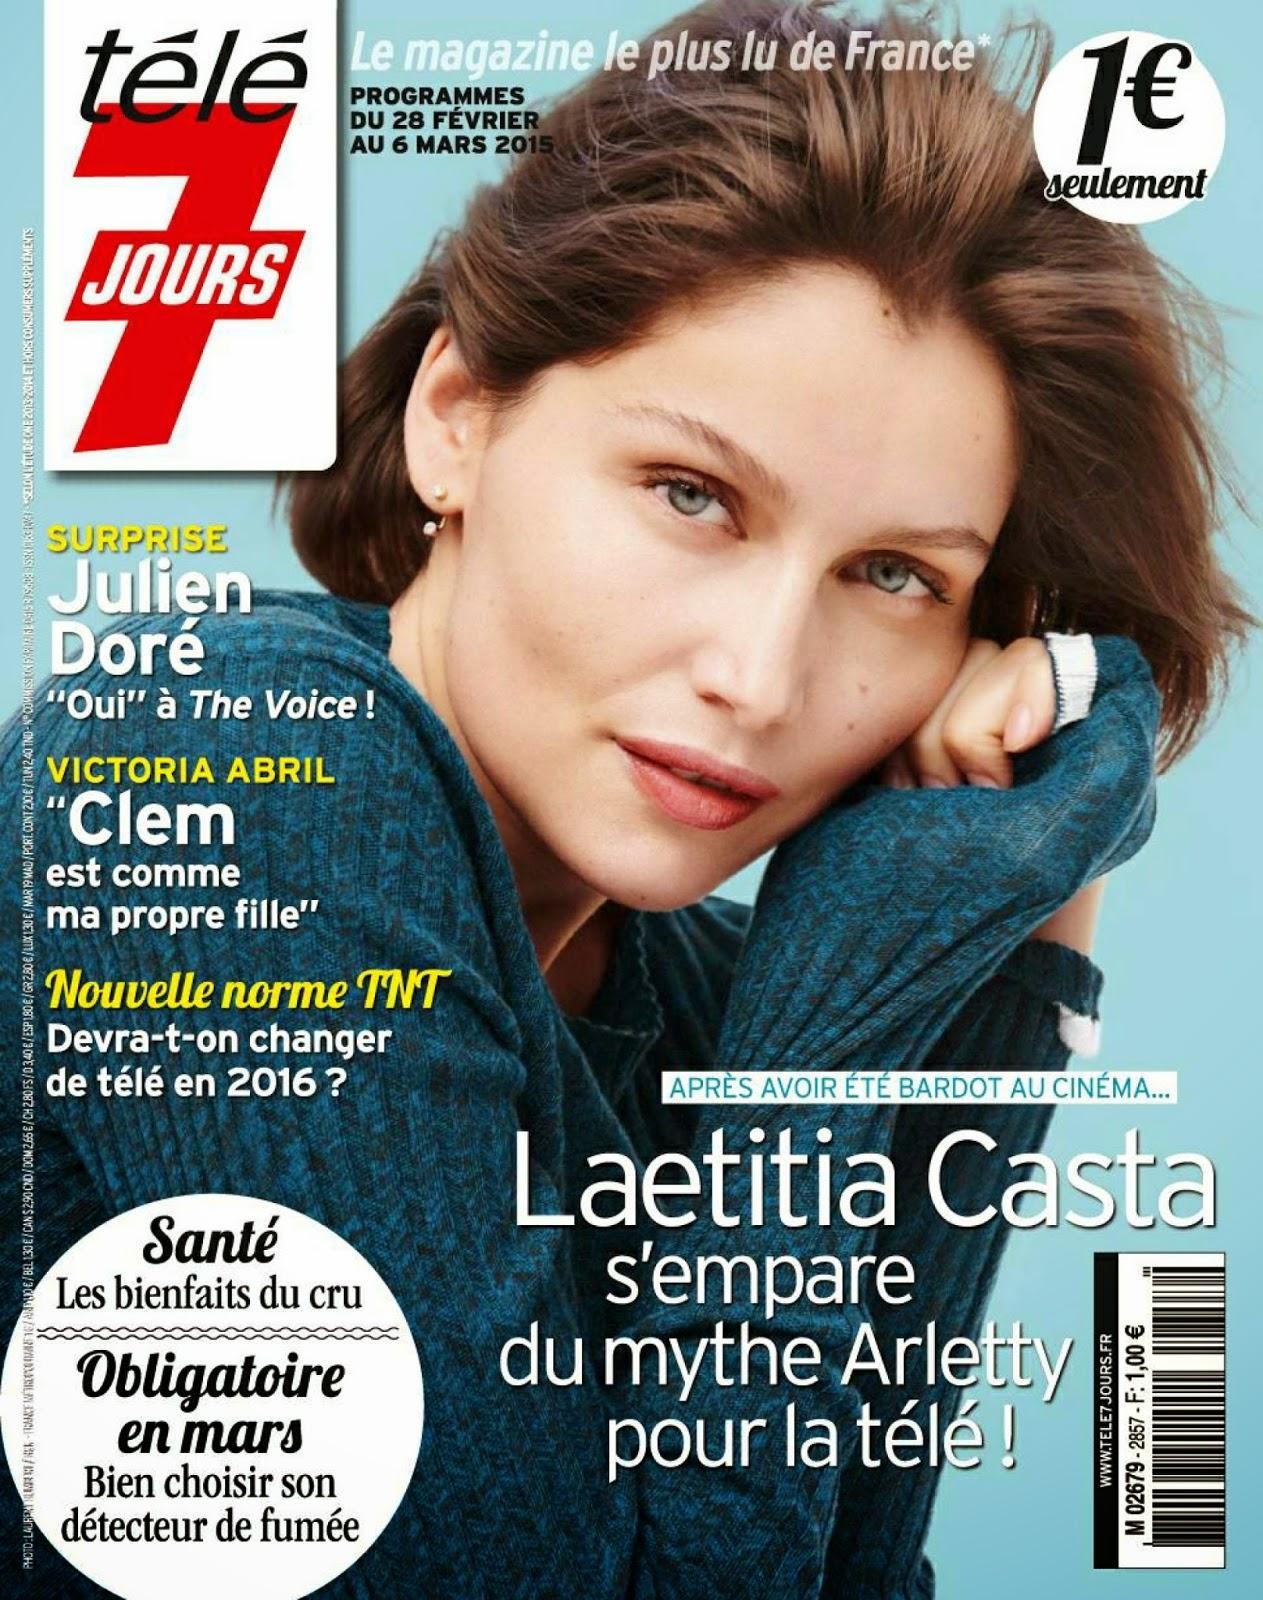 Supermodel,  Actress: Laetitia Casta - Tele-7-Jours France, March 2015